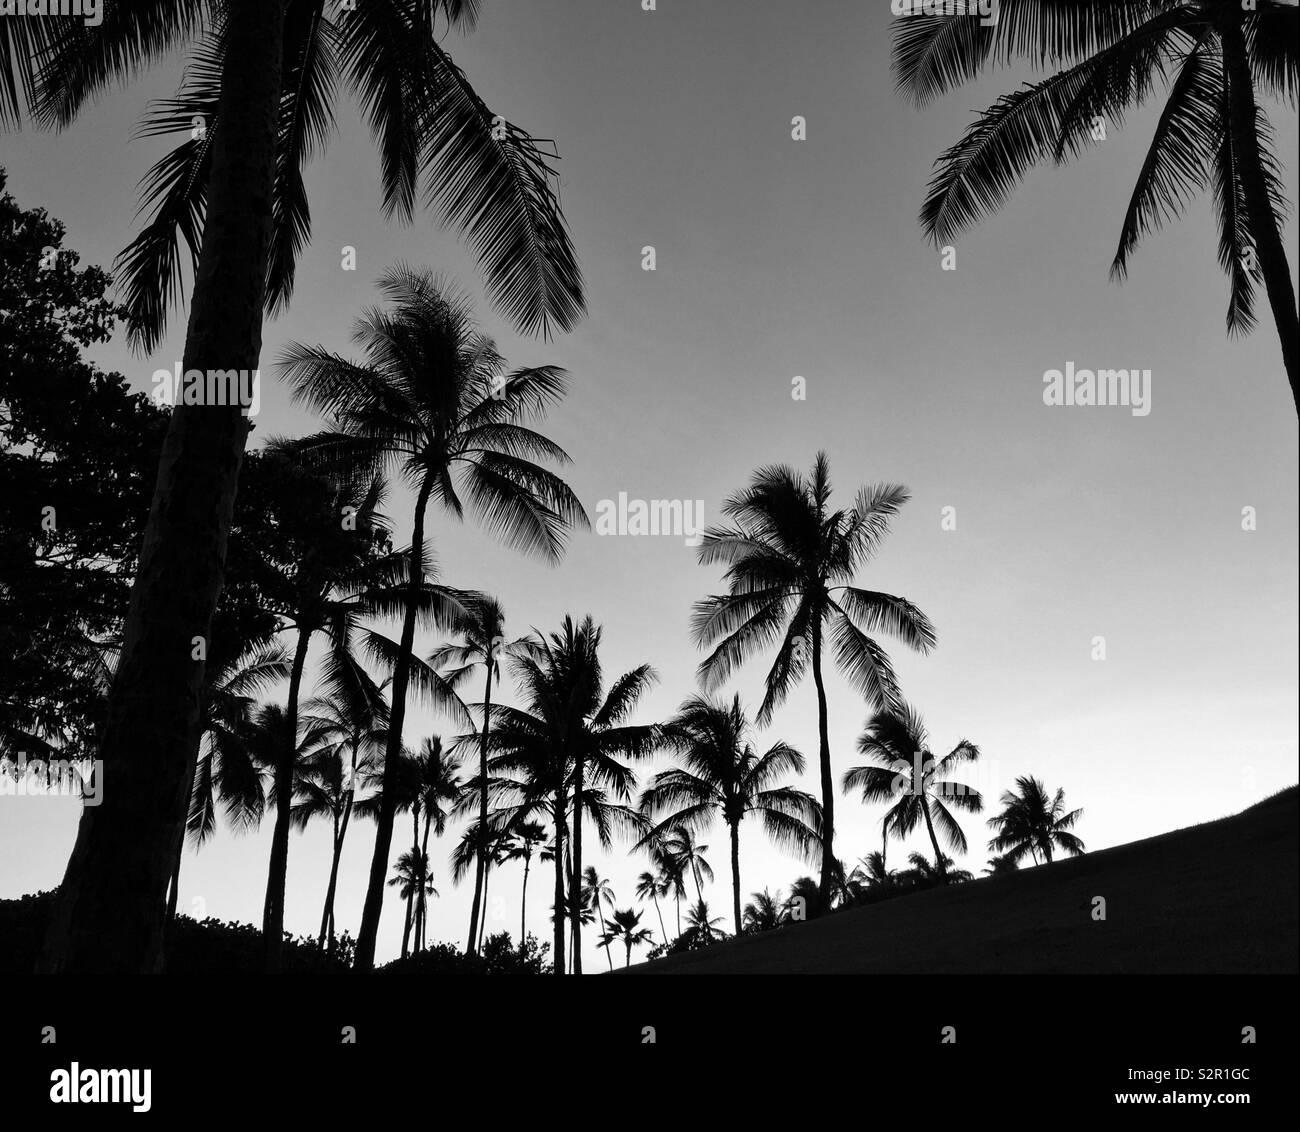 Arboleda de cocoteros en blanco y negro Imagen De Stock